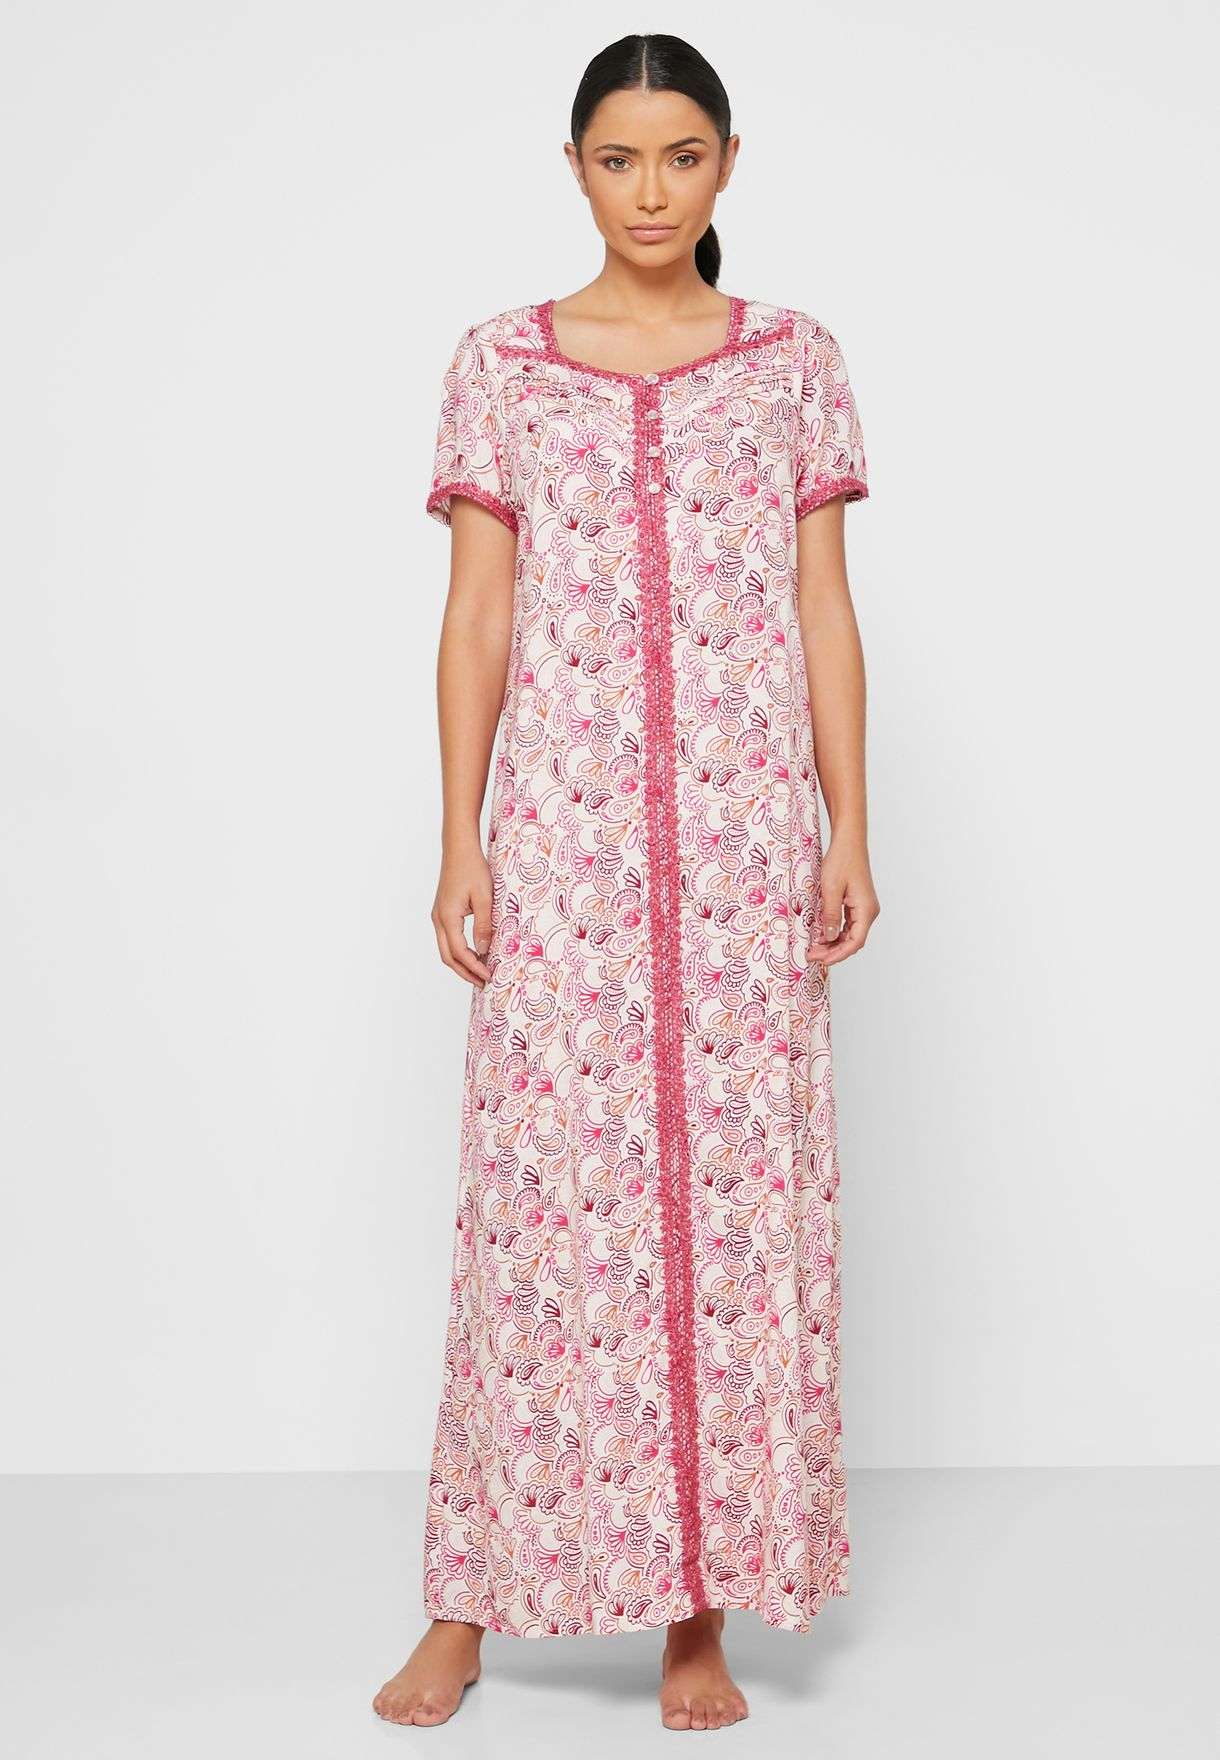 Printed Half Sleeves Rayon Nightwear